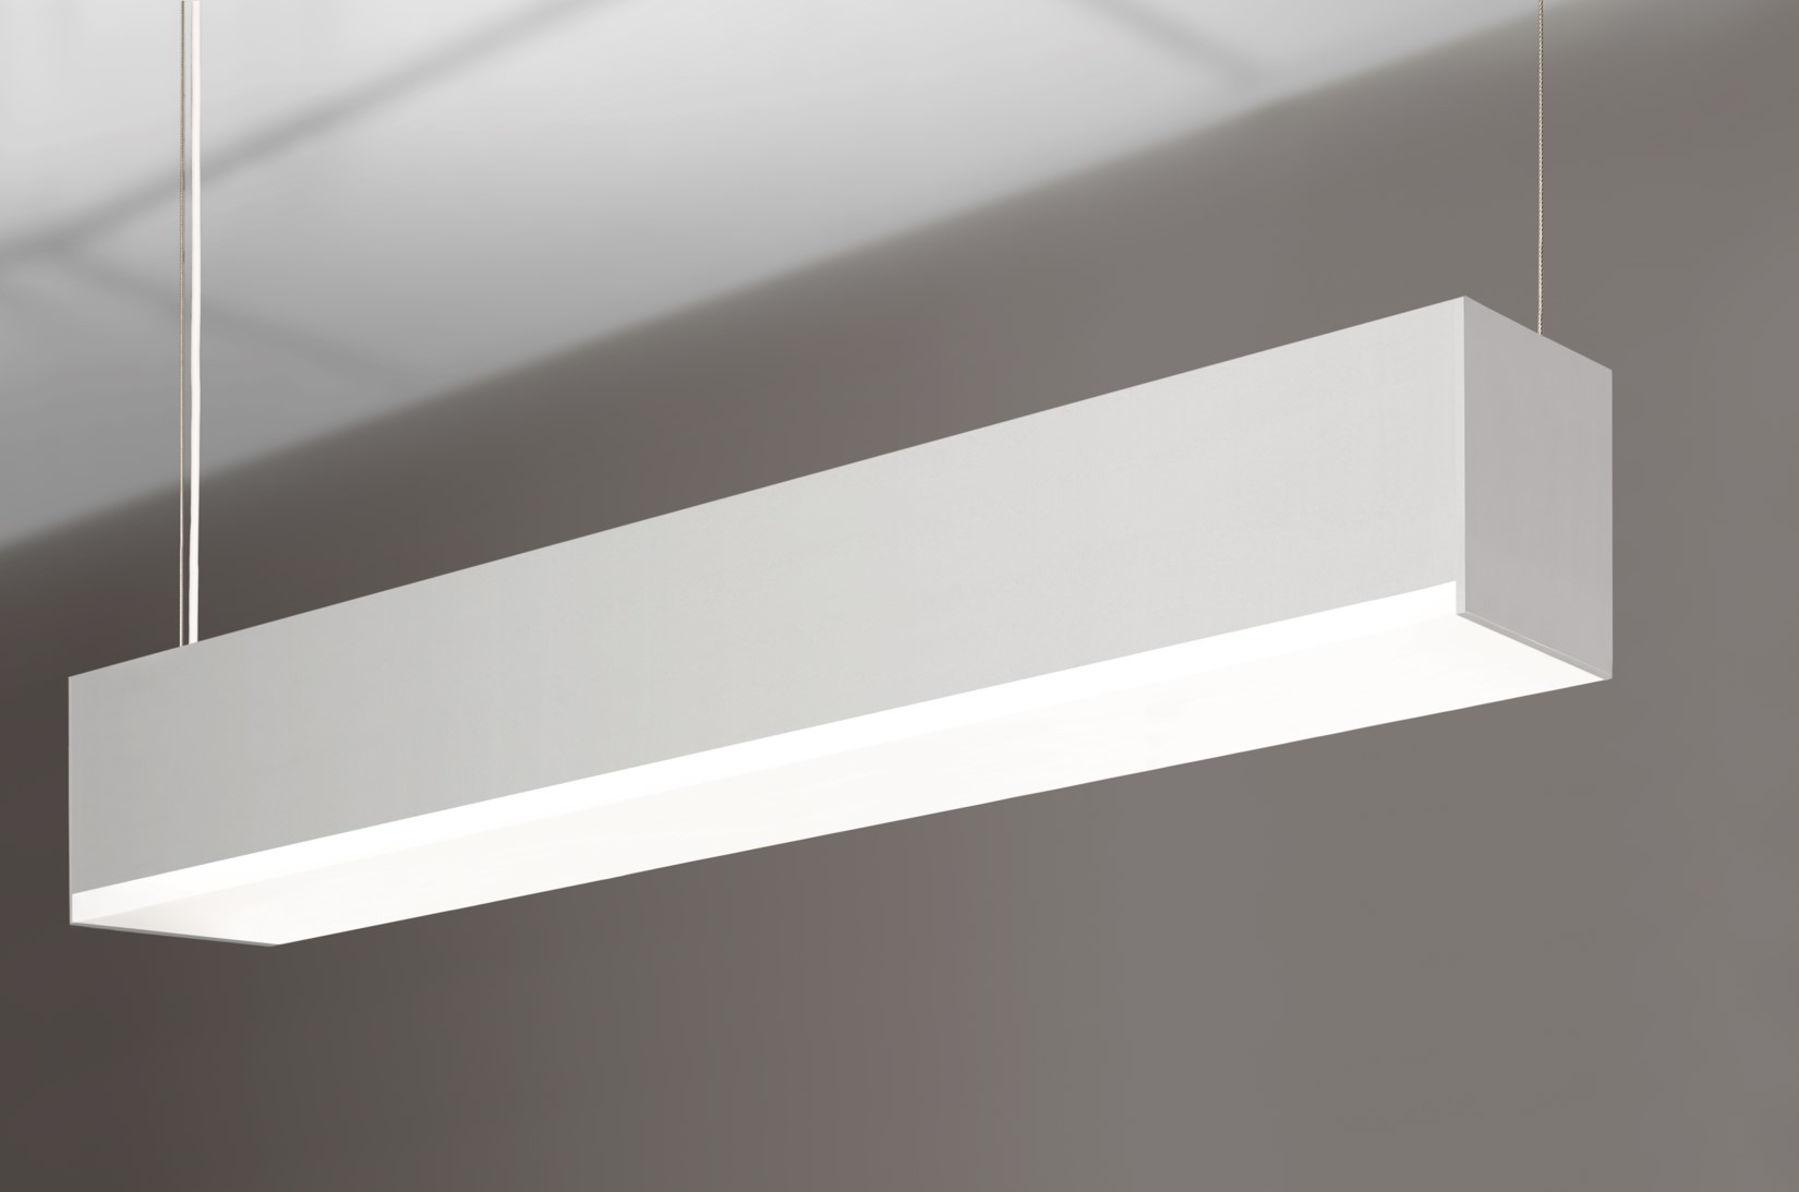 Picture of GX3D44D2-LED-LENS3D